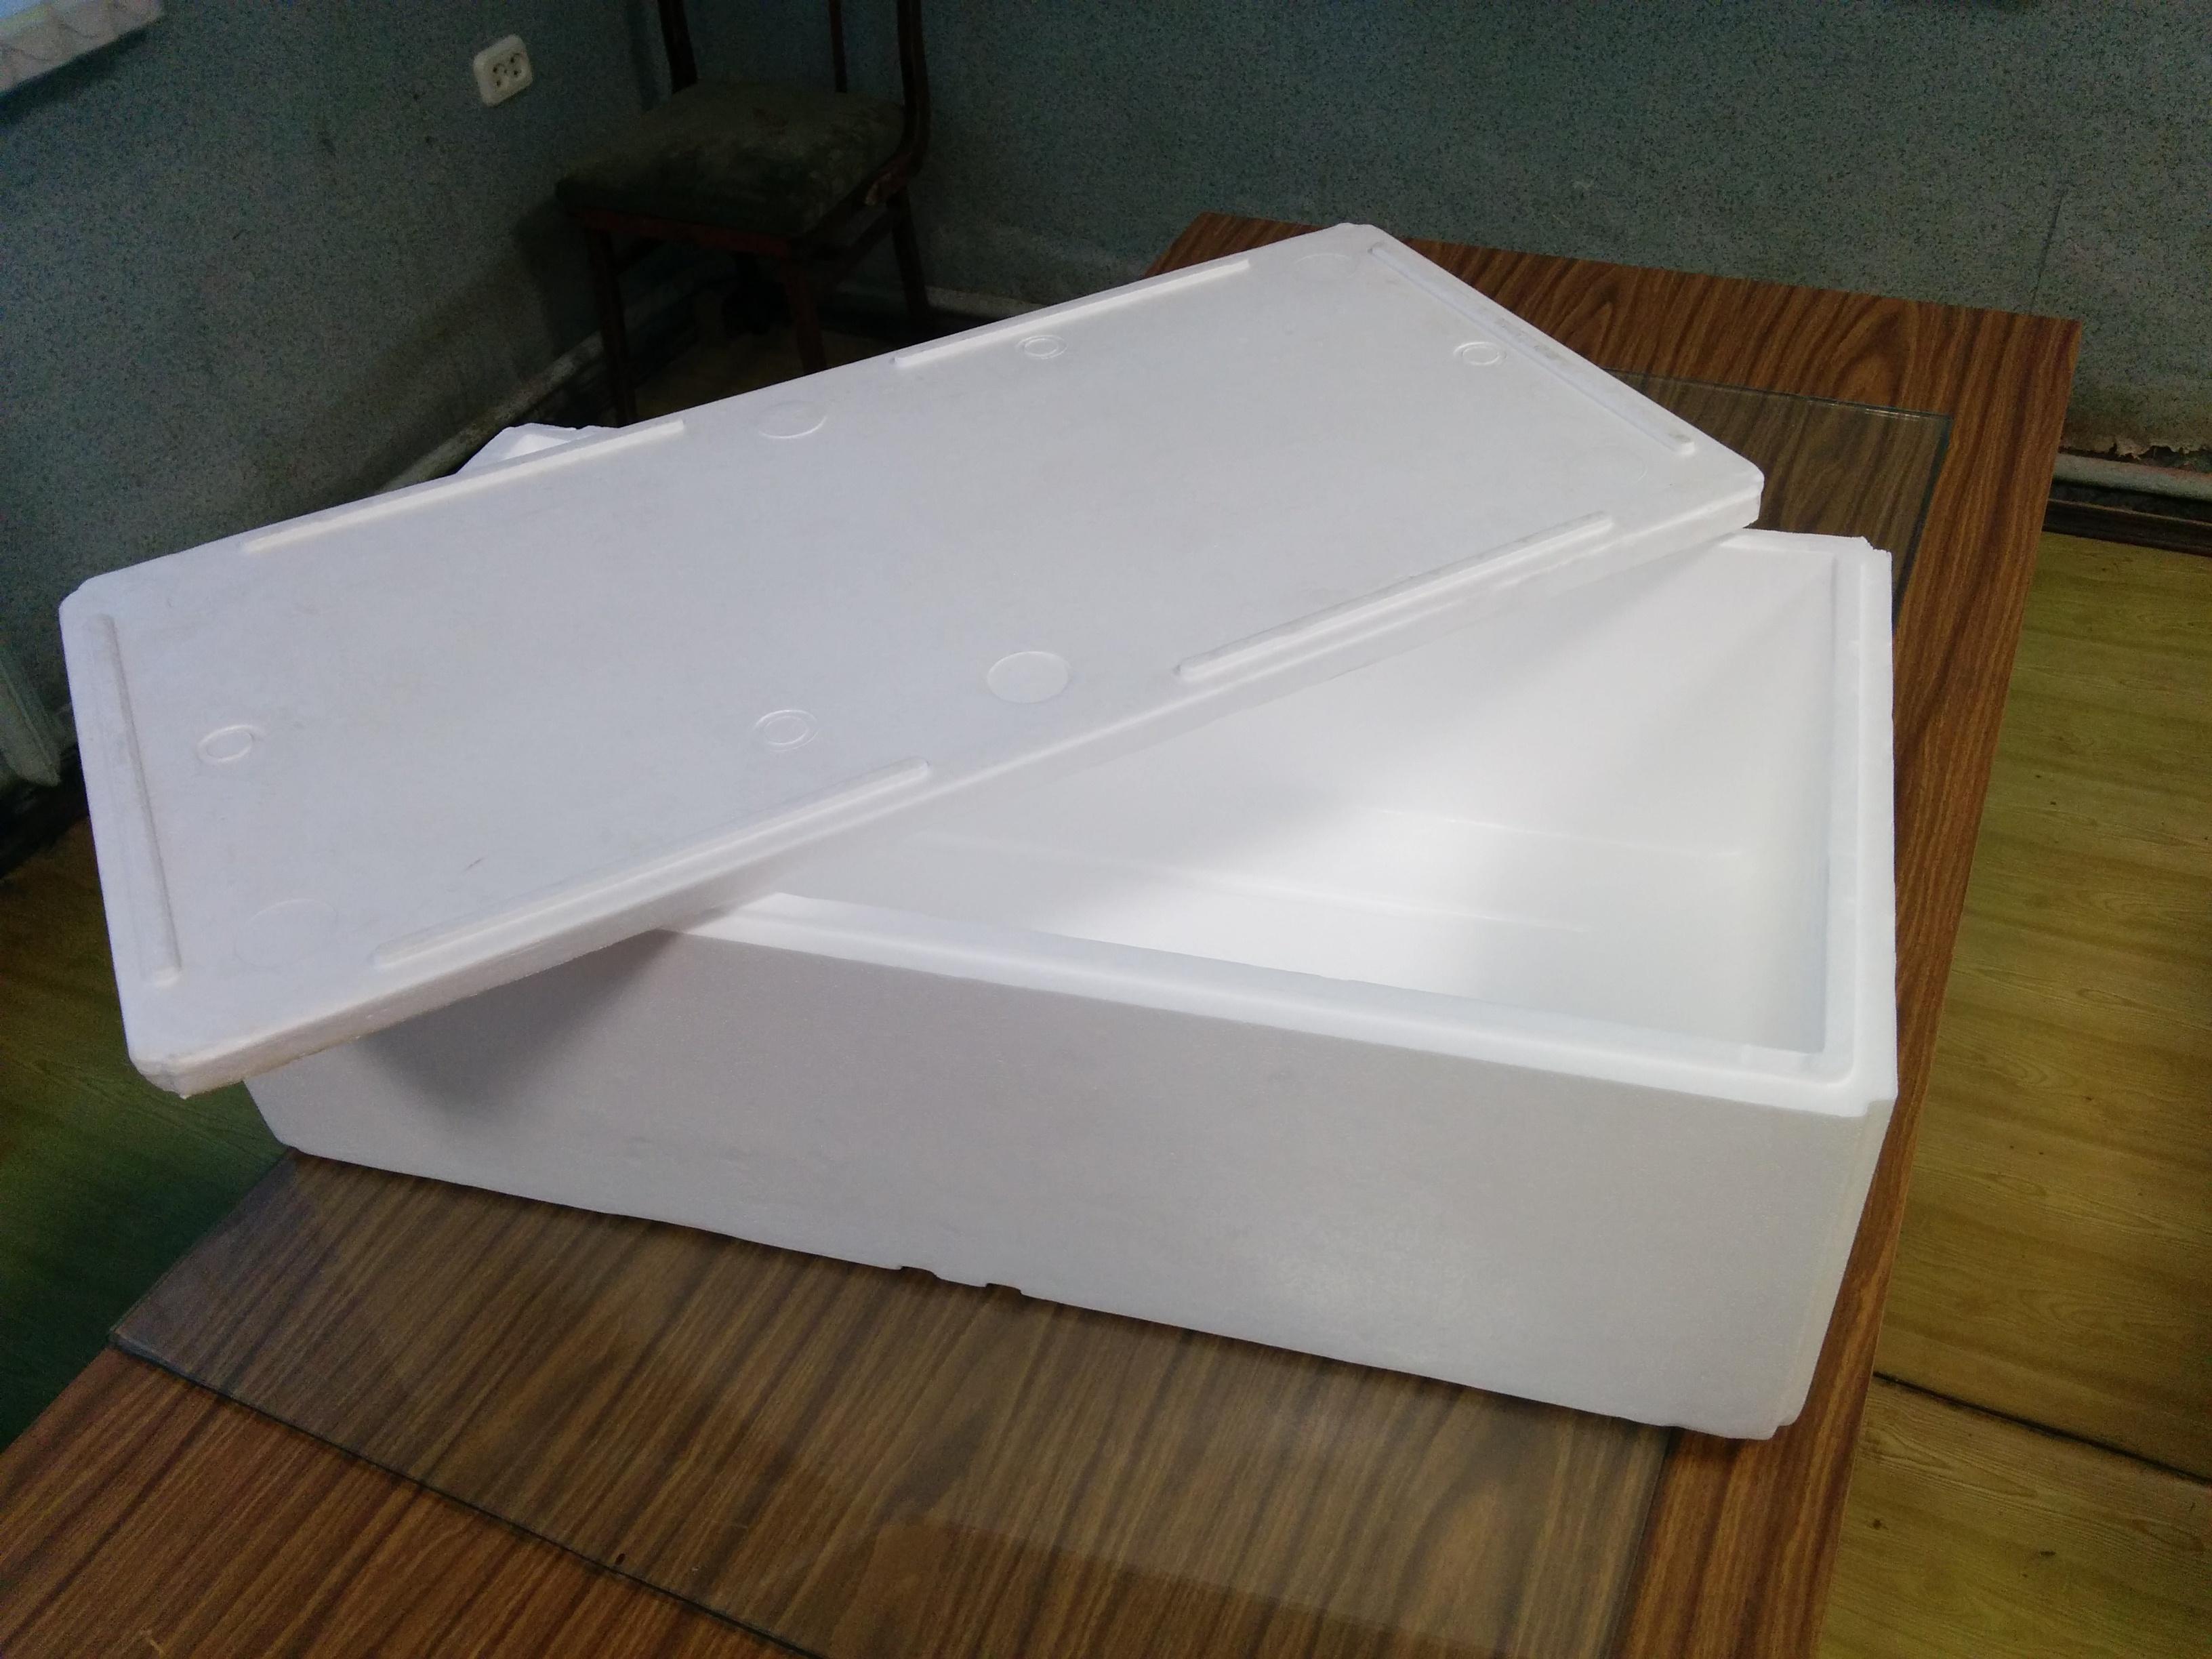 Холодильник своими руками из пенопласта Статьи 32